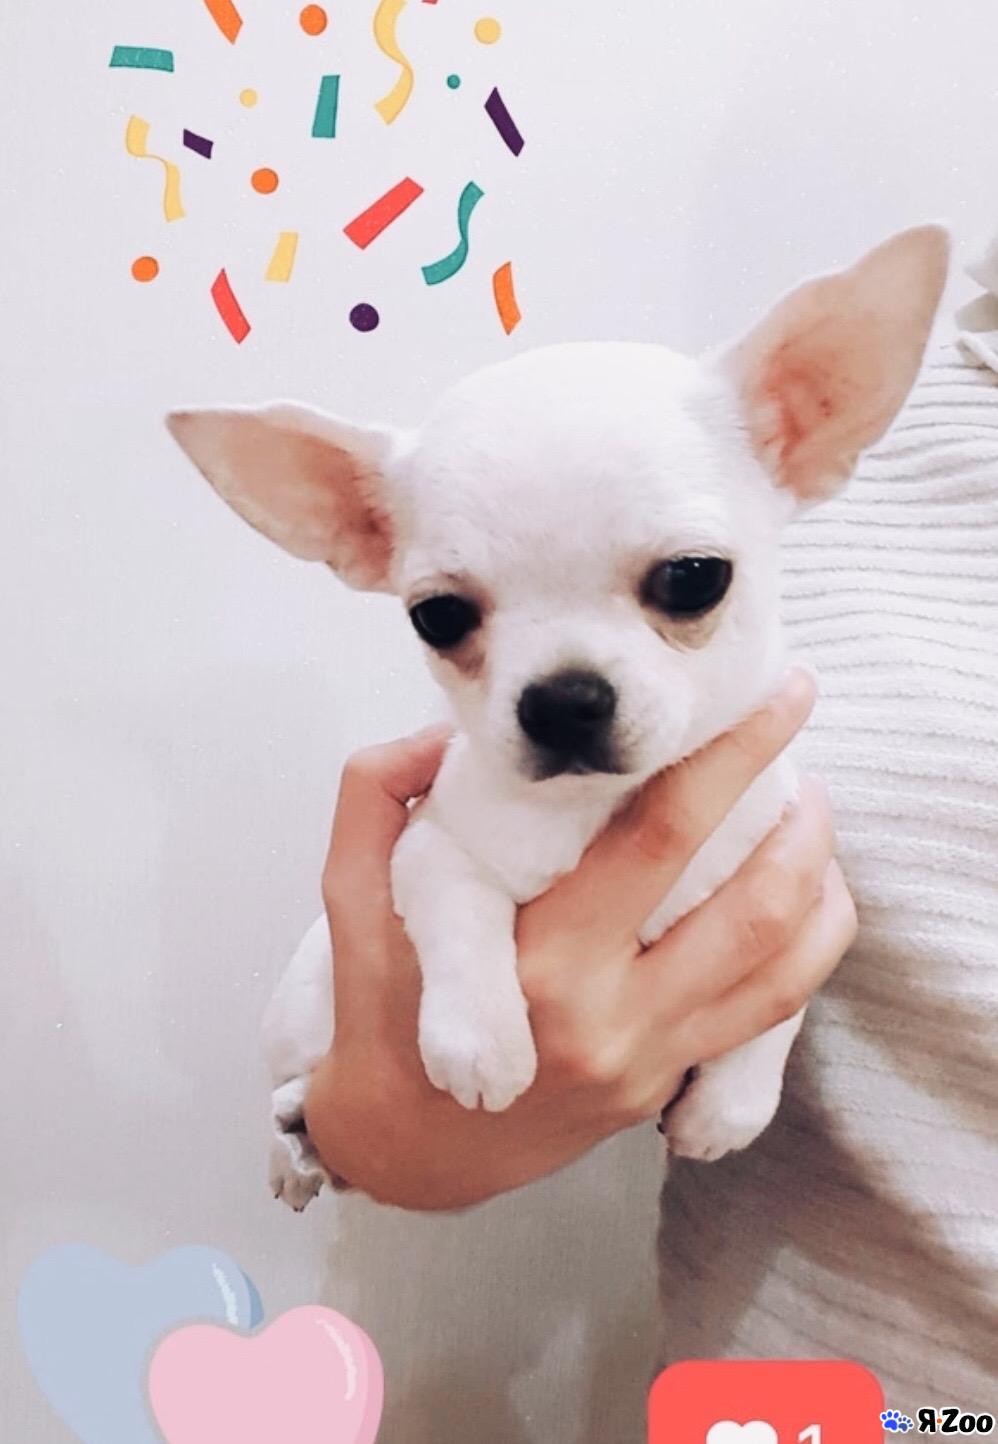 Чихуахуа мальчик три месяца от рождения — продам собаку в Санкт-Петербурге за 3200 ₽ на ZooYa.ru